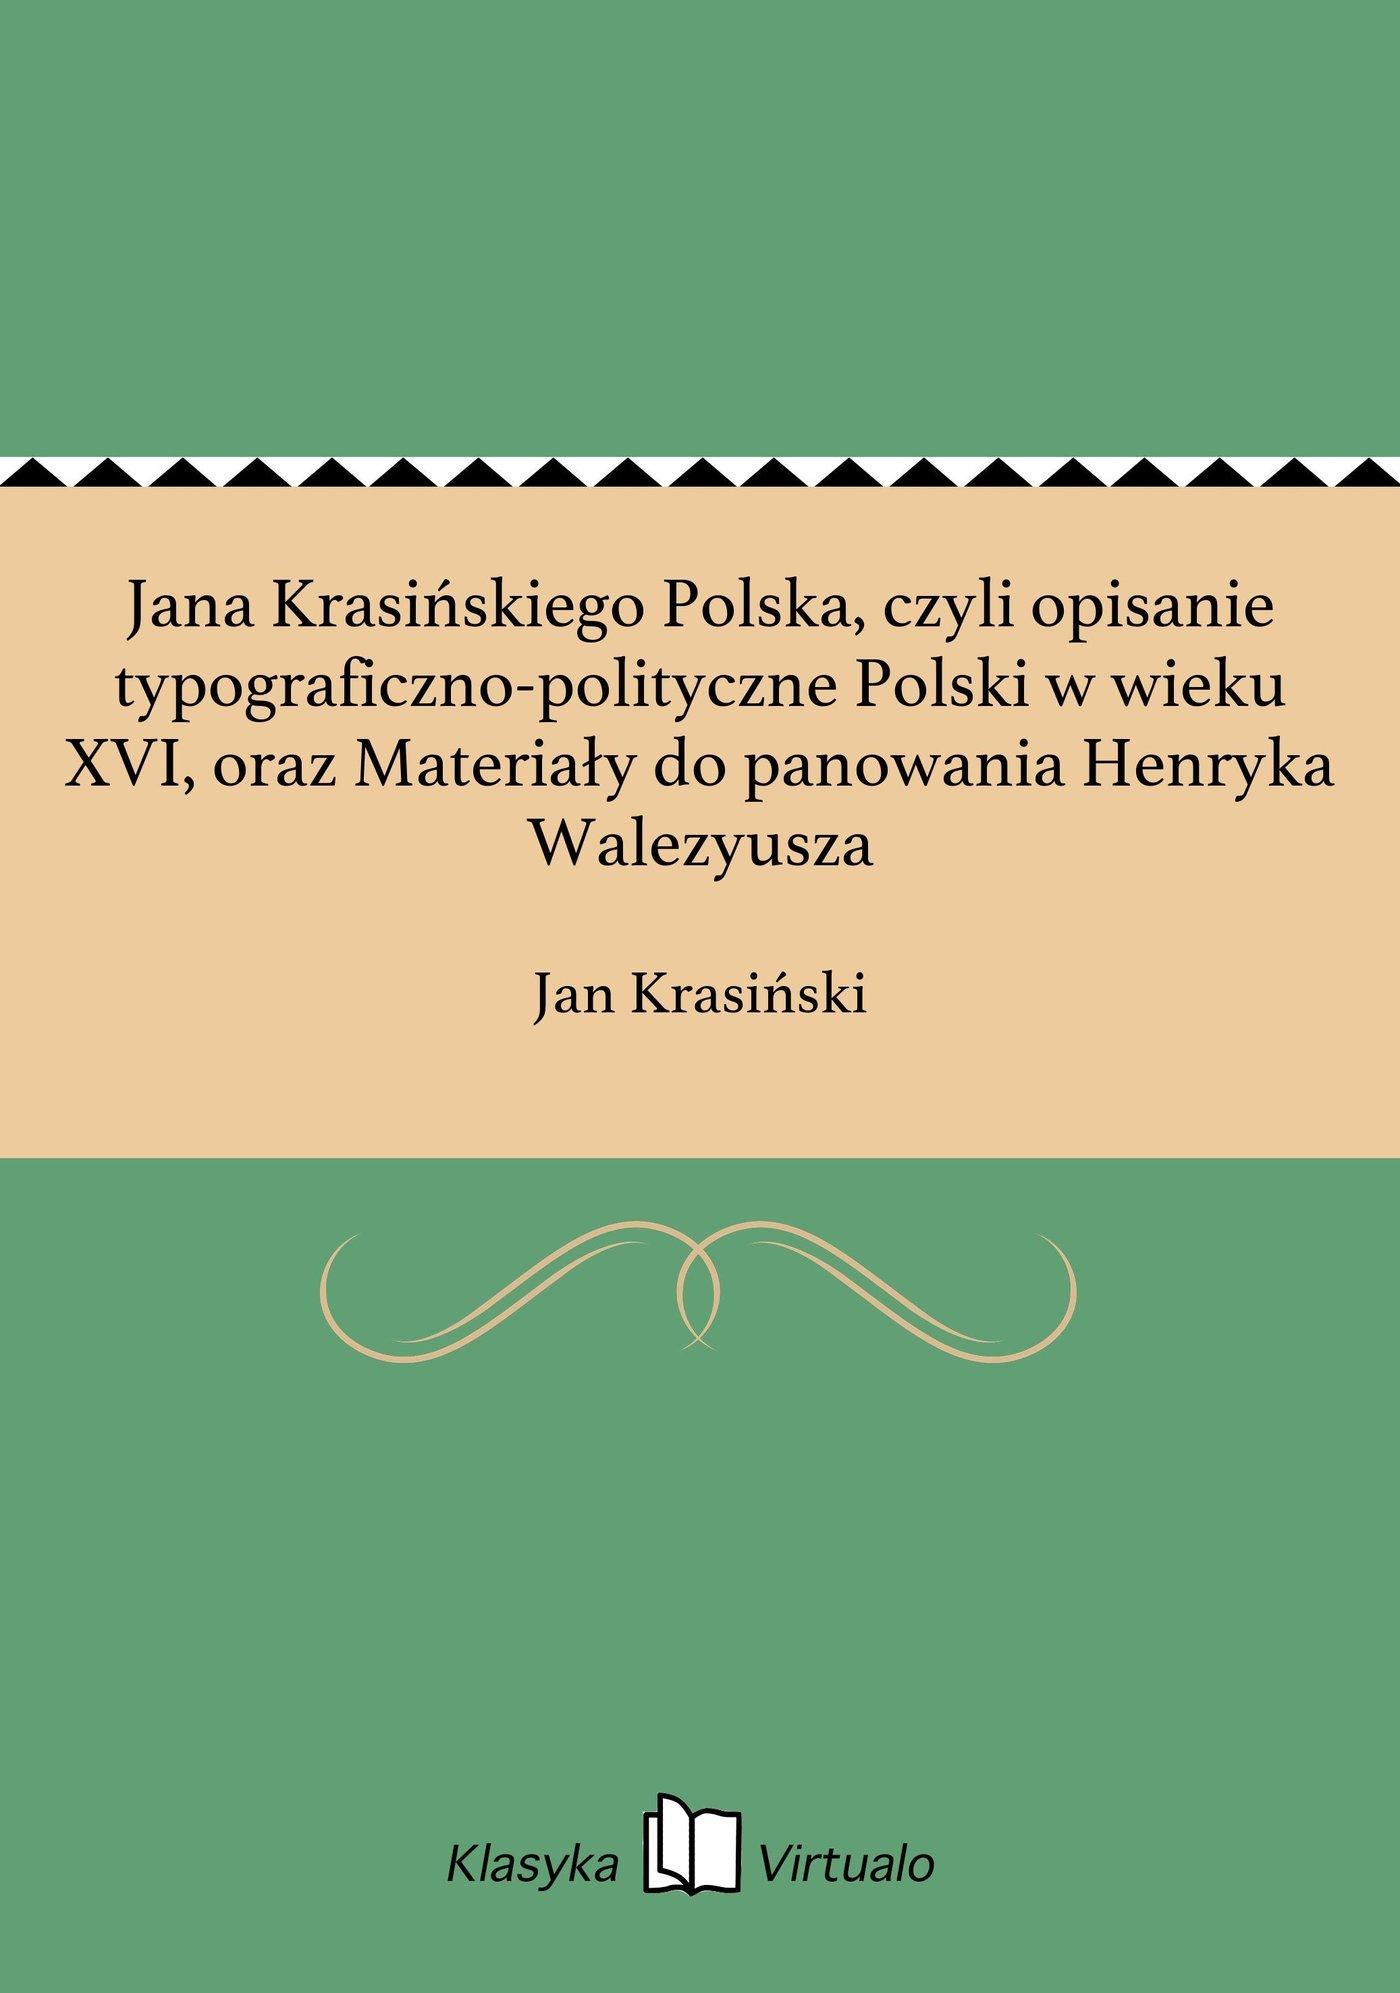 Jana Krasińskiego Polska, czyli opisanie typograficzno-polityczne Polski w wieku XVI, oraz Materiały do panowania Henryka Walezyusza - Ebook (Książka EPUB) do pobrania w formacie EPUB